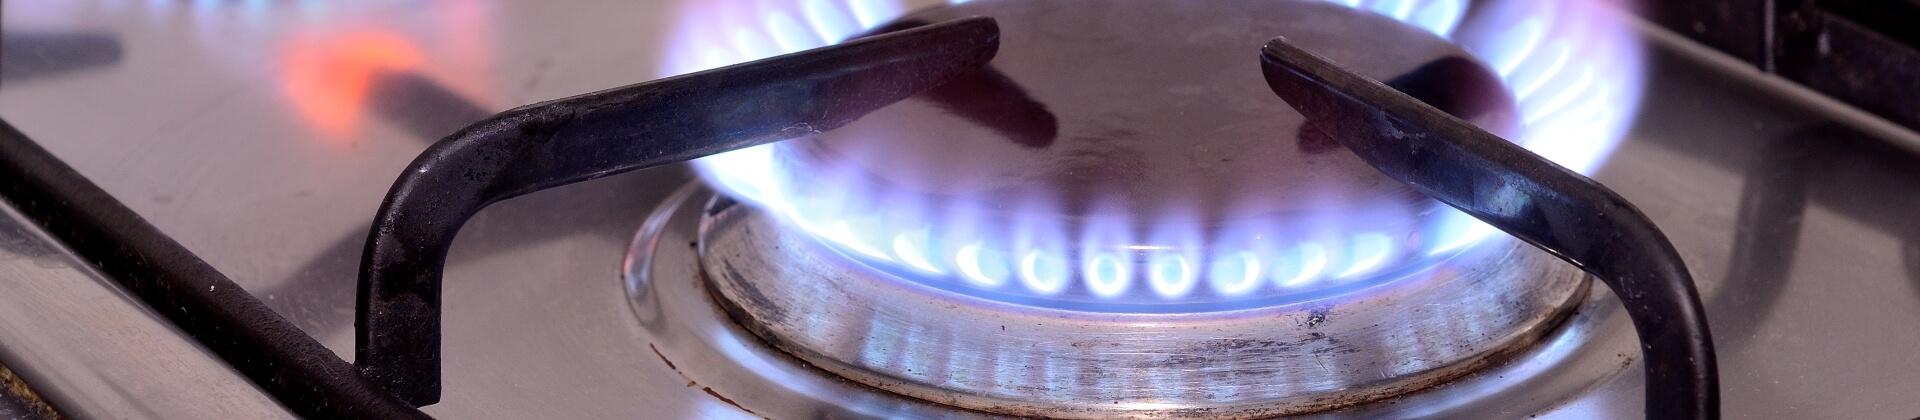 Утилизация газовых плит